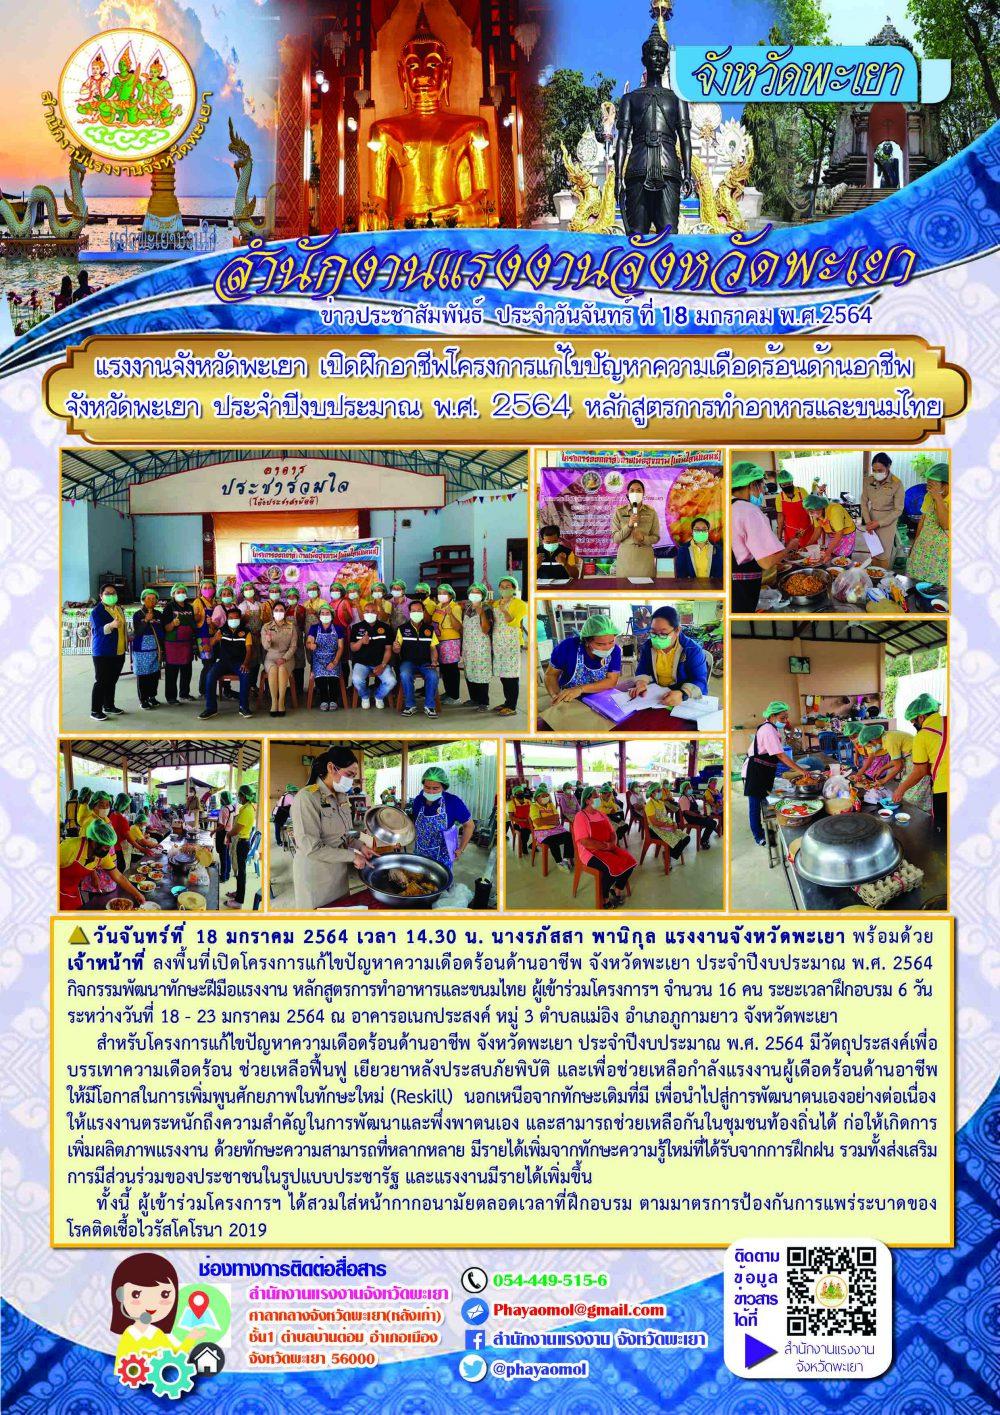 แรงงานจังหวัดพะเยา เปิดฝึกอาชีพโครงการแก้ไขปัญหาความเดือดร้อนด้านอาชีพ จังหวัดพะเยา ประจำปีงบประมาณ พ.ศ. 2564 หลักสูตรการทำอาหารและขนมไทย